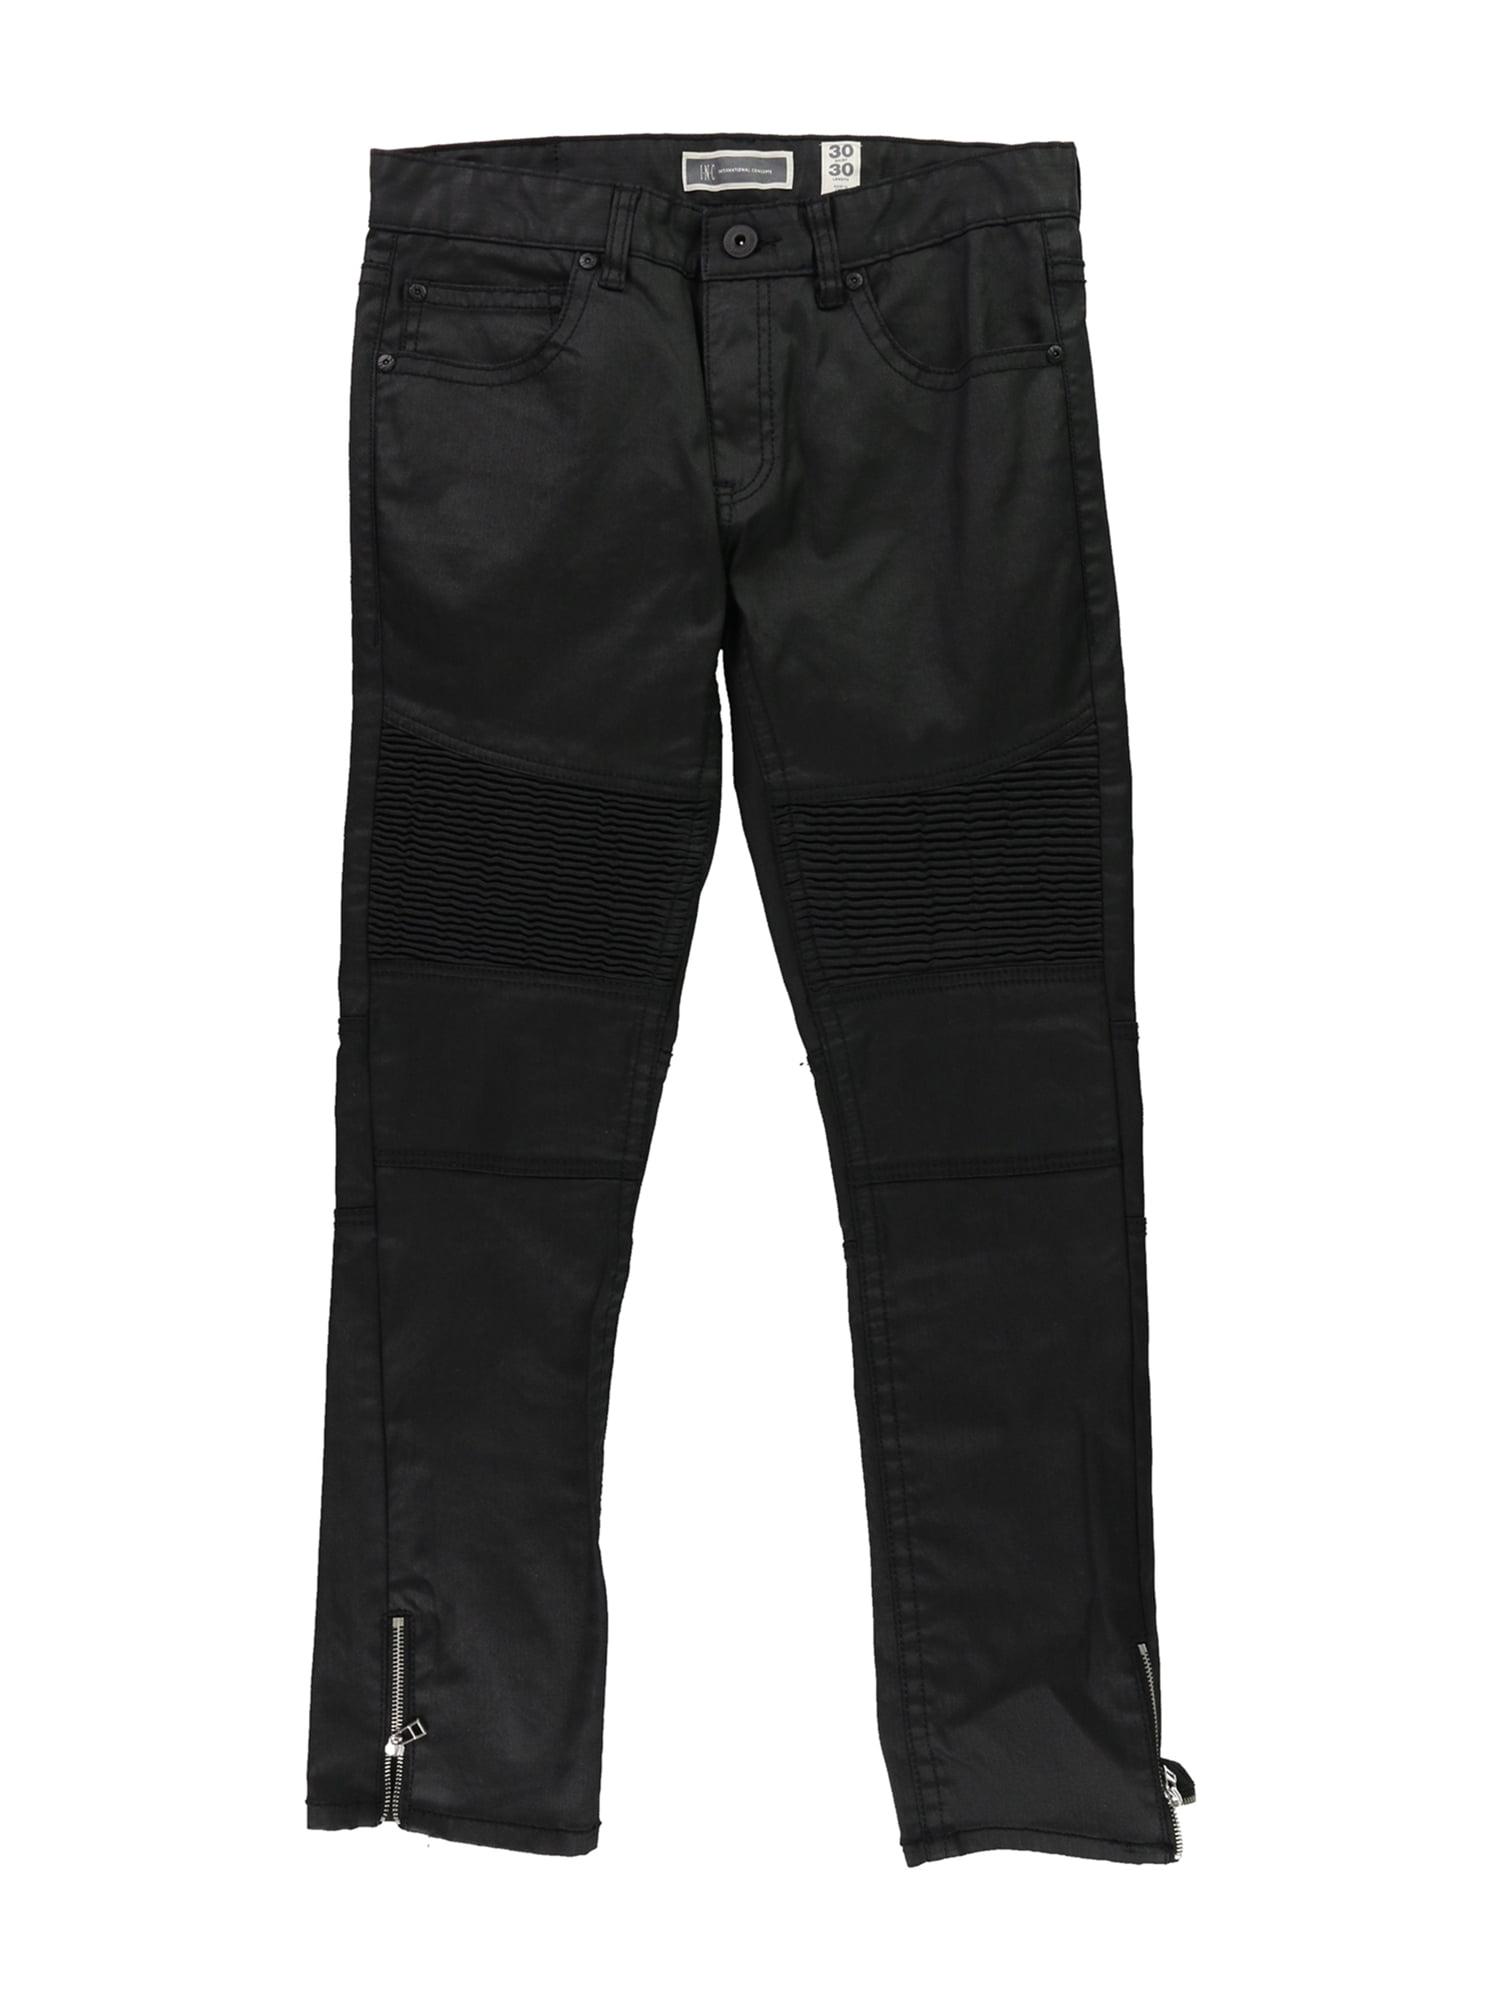 I-N-C Mens Matrix Skinny Fit Jeans black 30x30